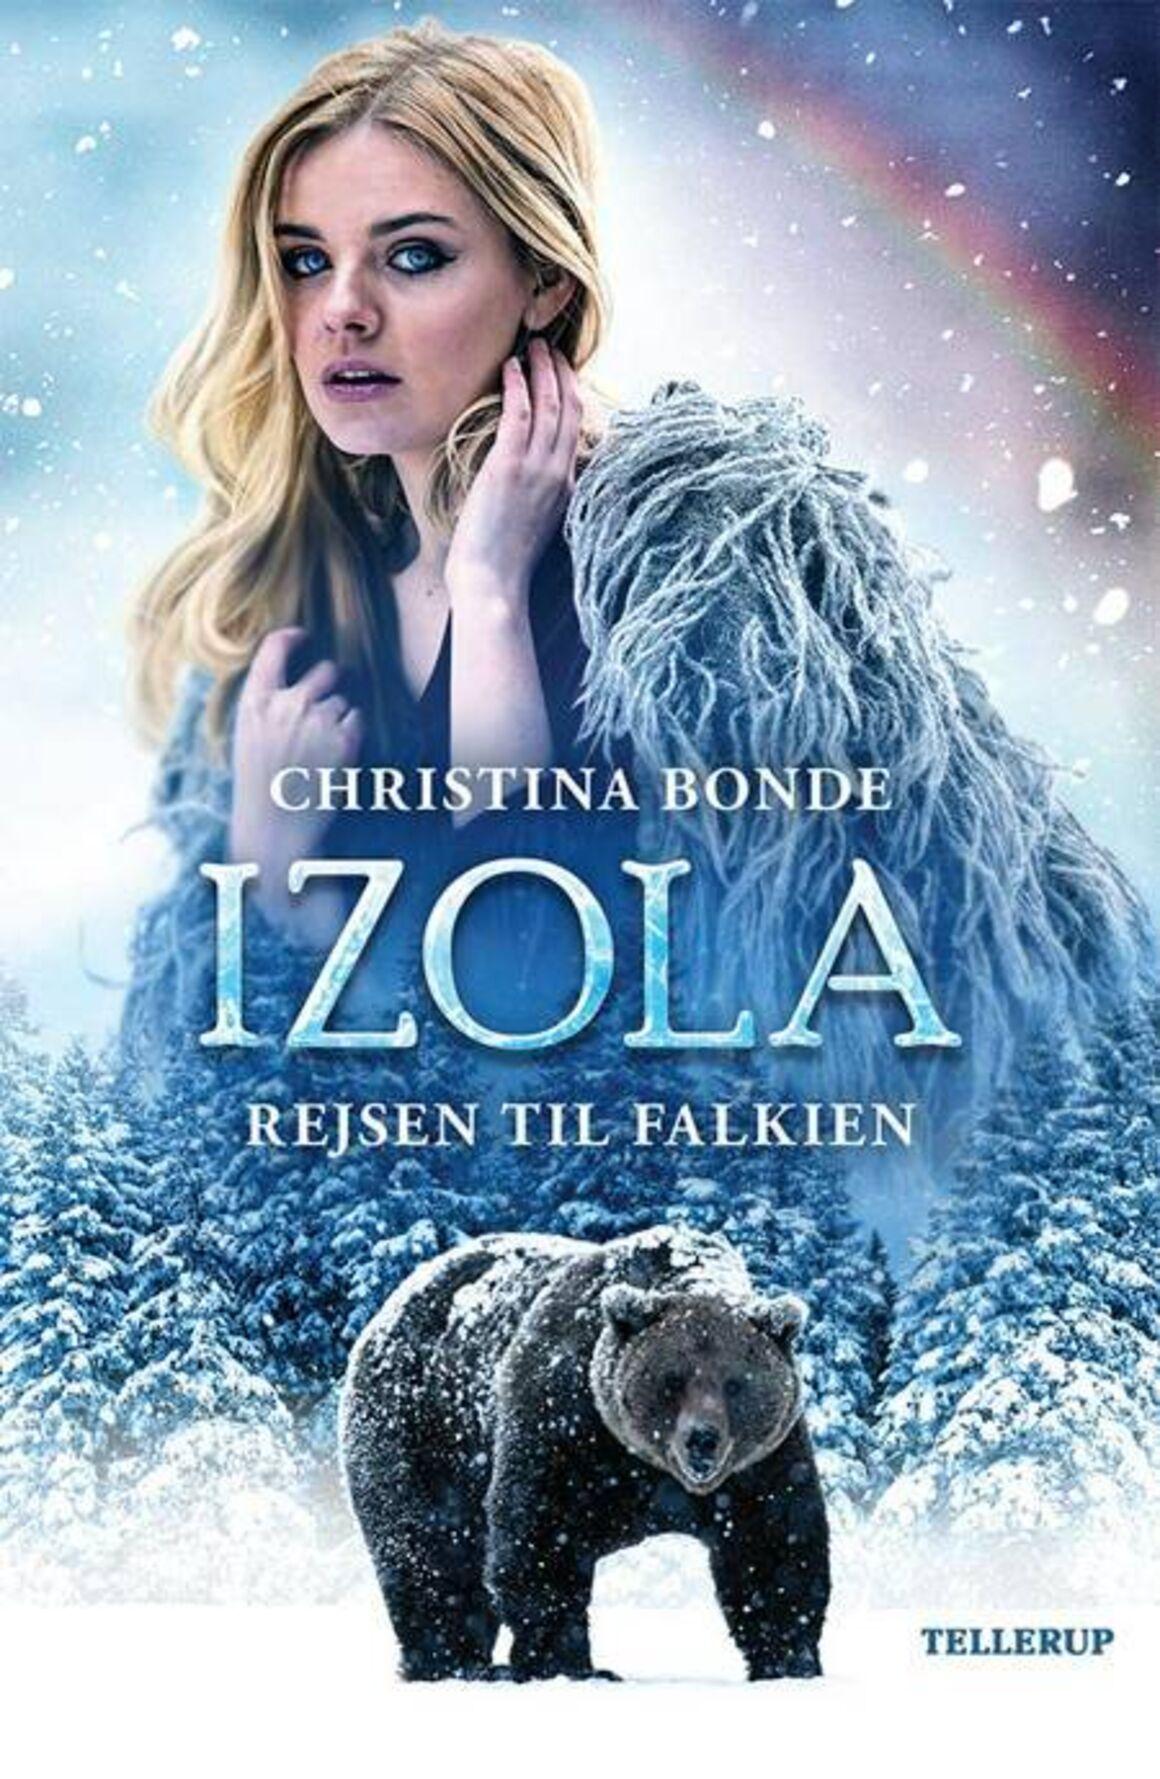 Izola - rejsen til Falkien